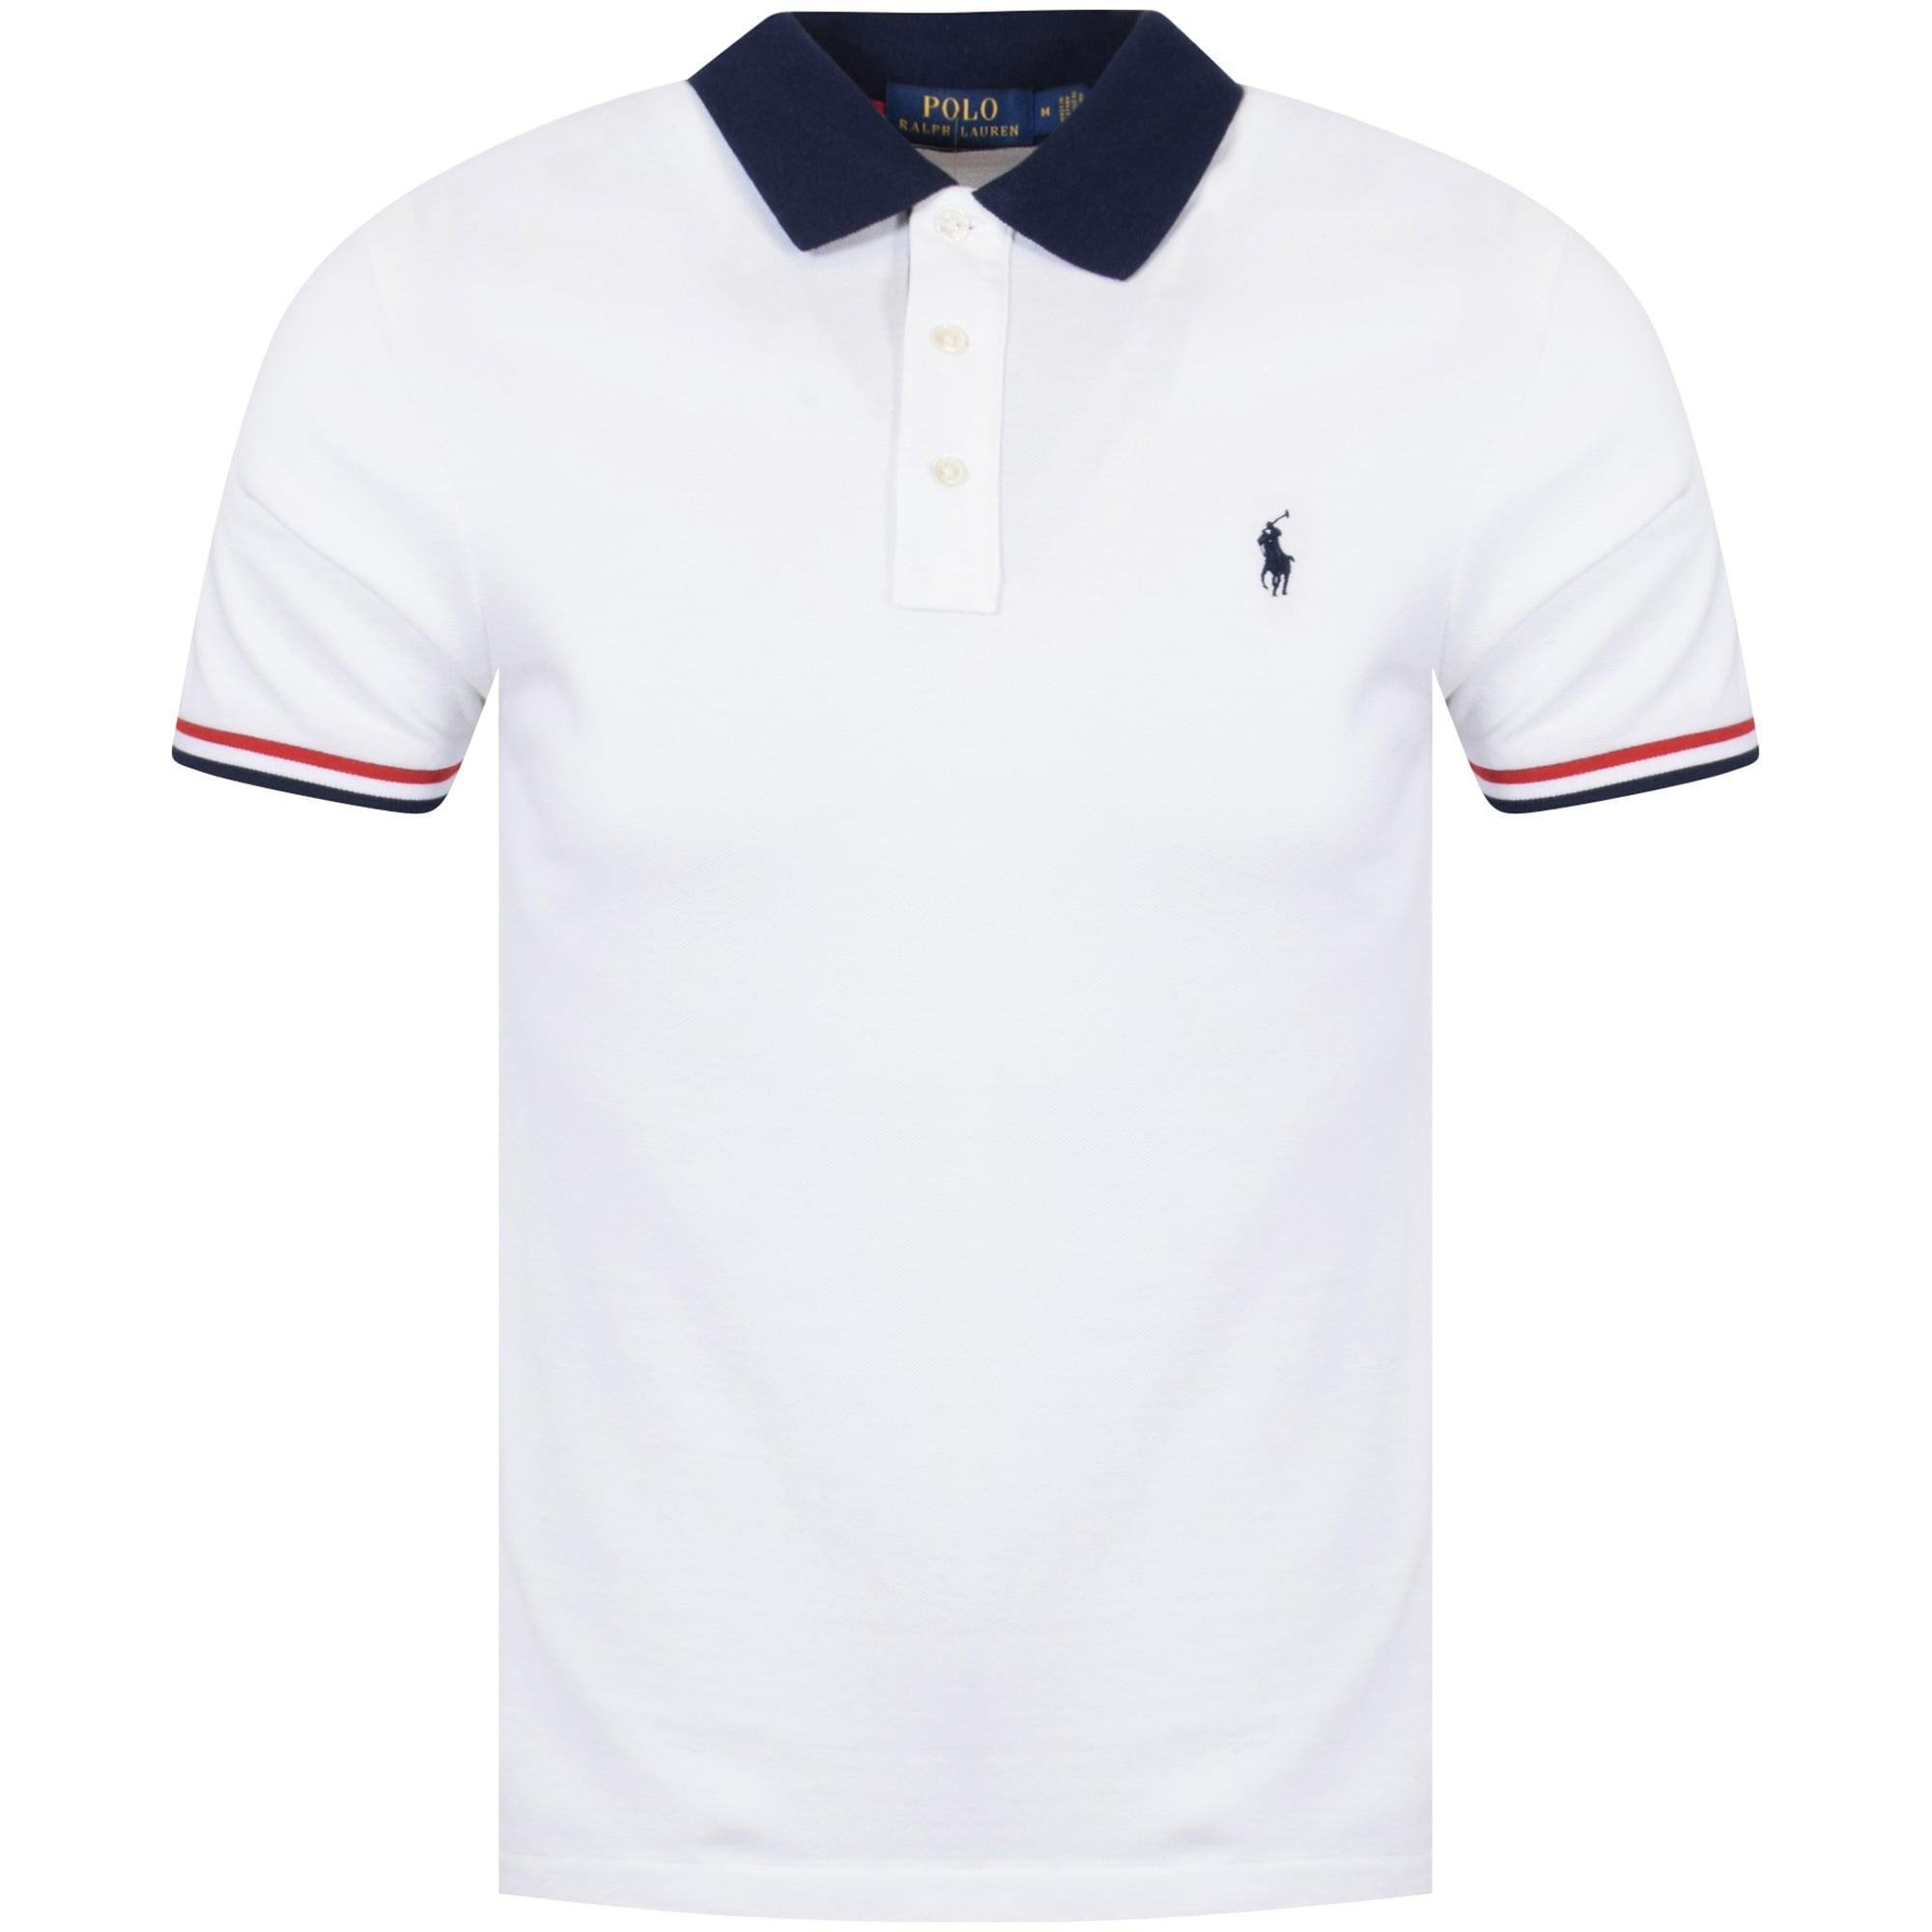 POLO RALPH LAUREN Polo Ralph Lauren White/Navy Contrast Polo Shirt